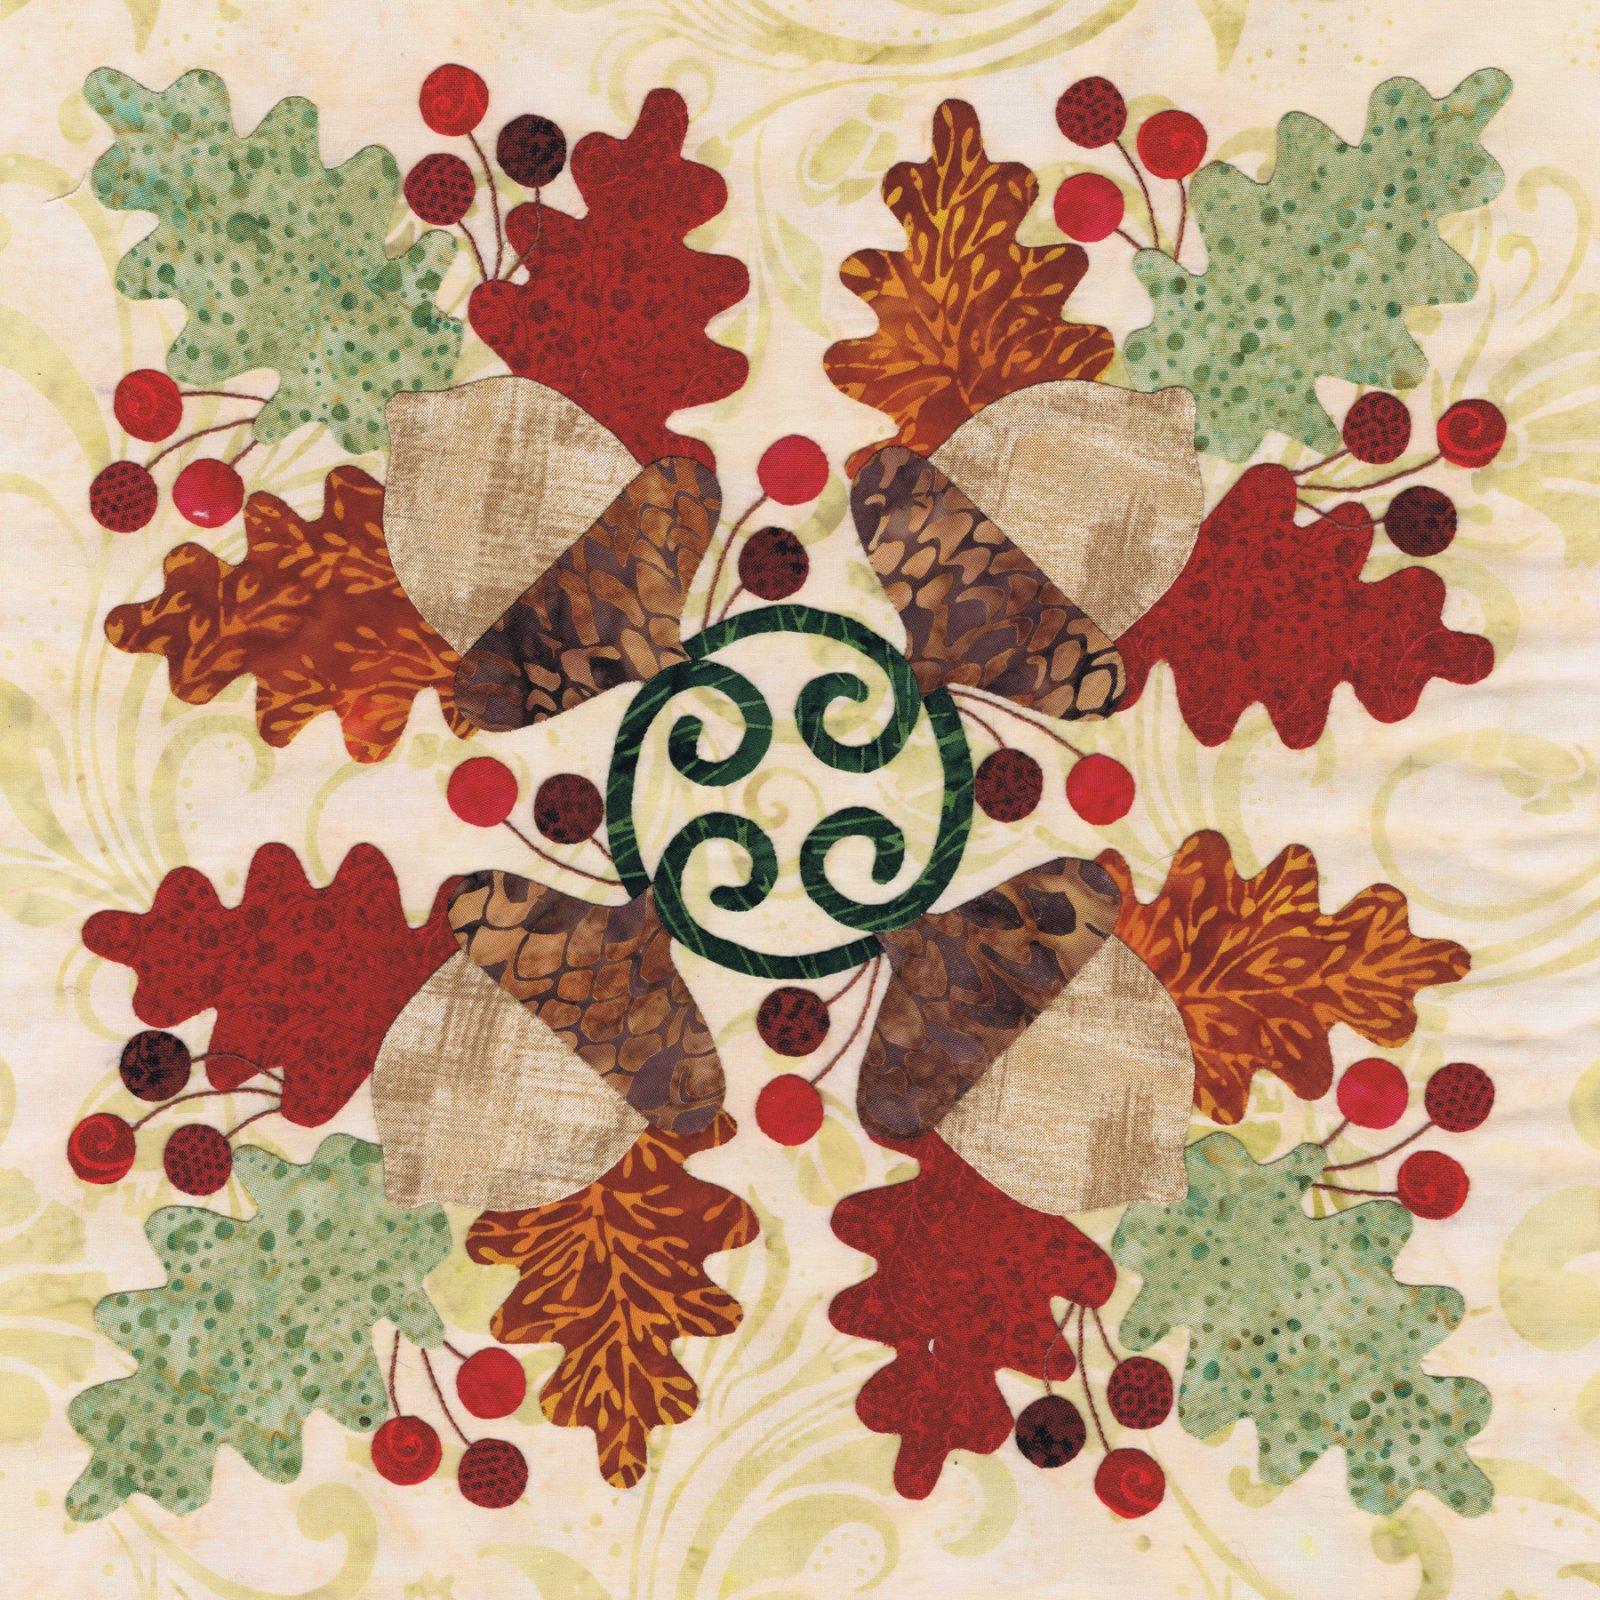 P3-1808 Acorn Wreath